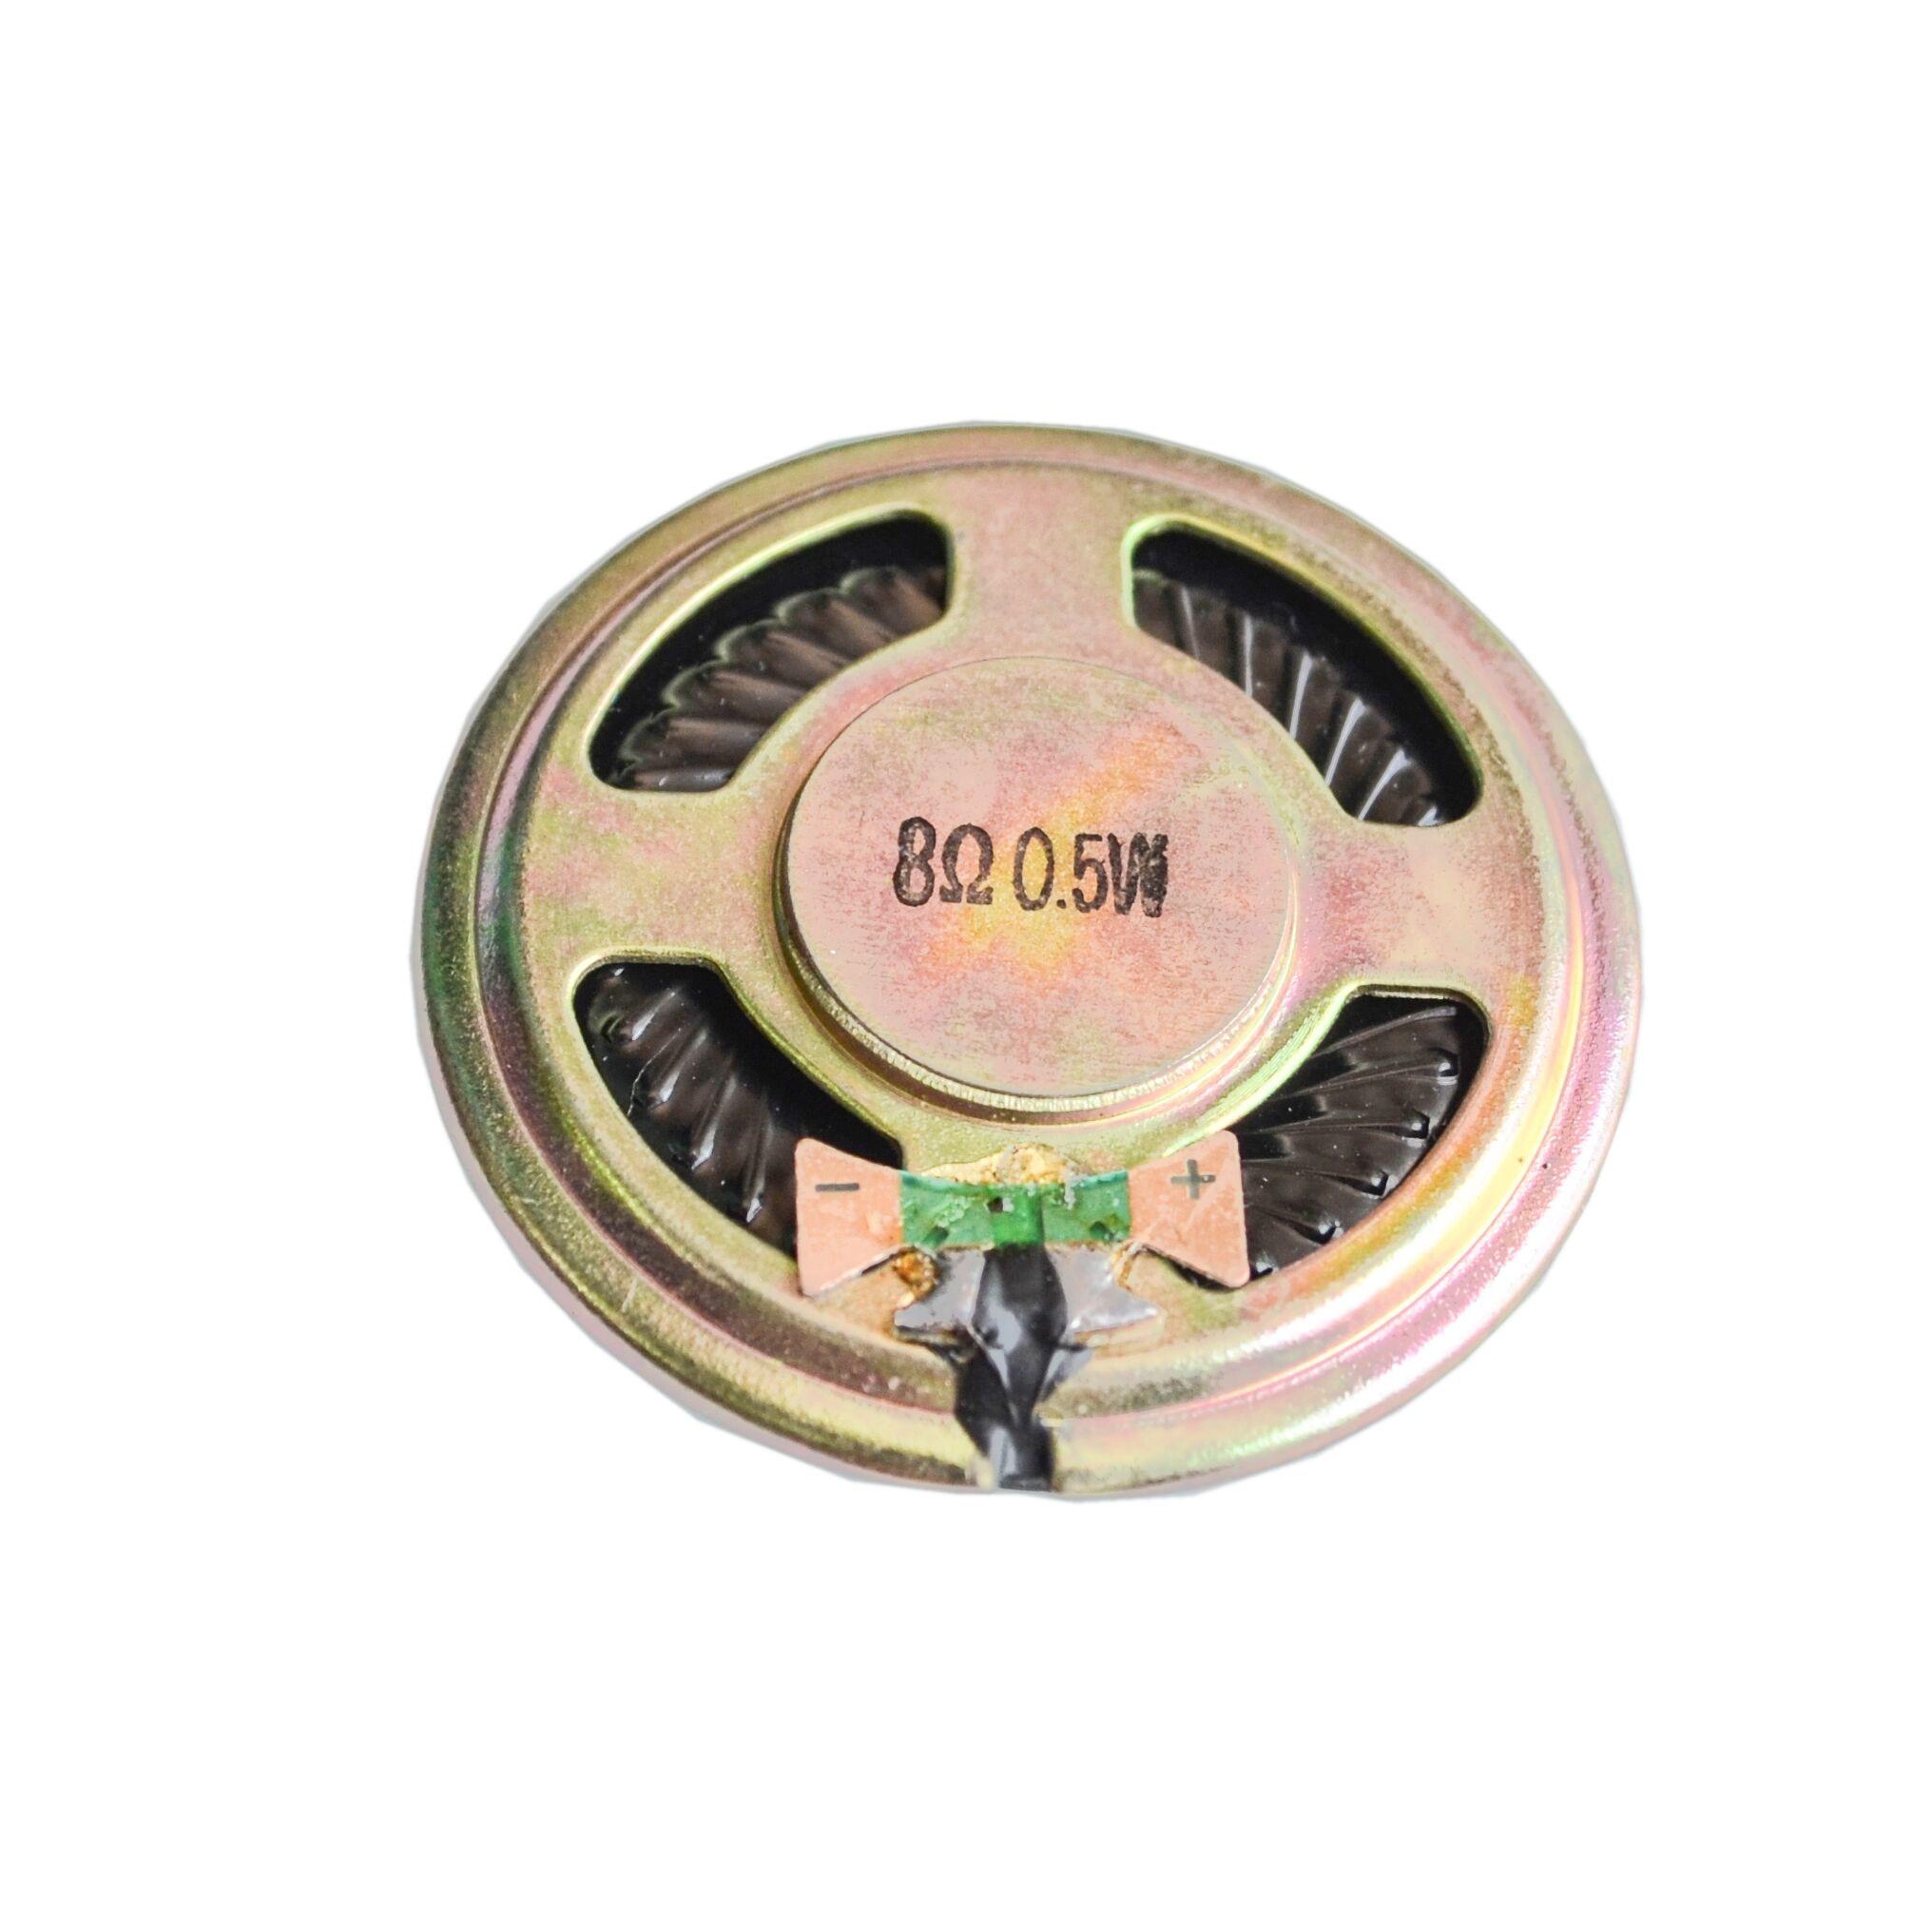 2 unids/lote nuevo 8 ohm 0,5 W altavoz de cuerno 40MM 4CM diámetro 8R 0,5 W pequeño altavoz electrónico al por mayor